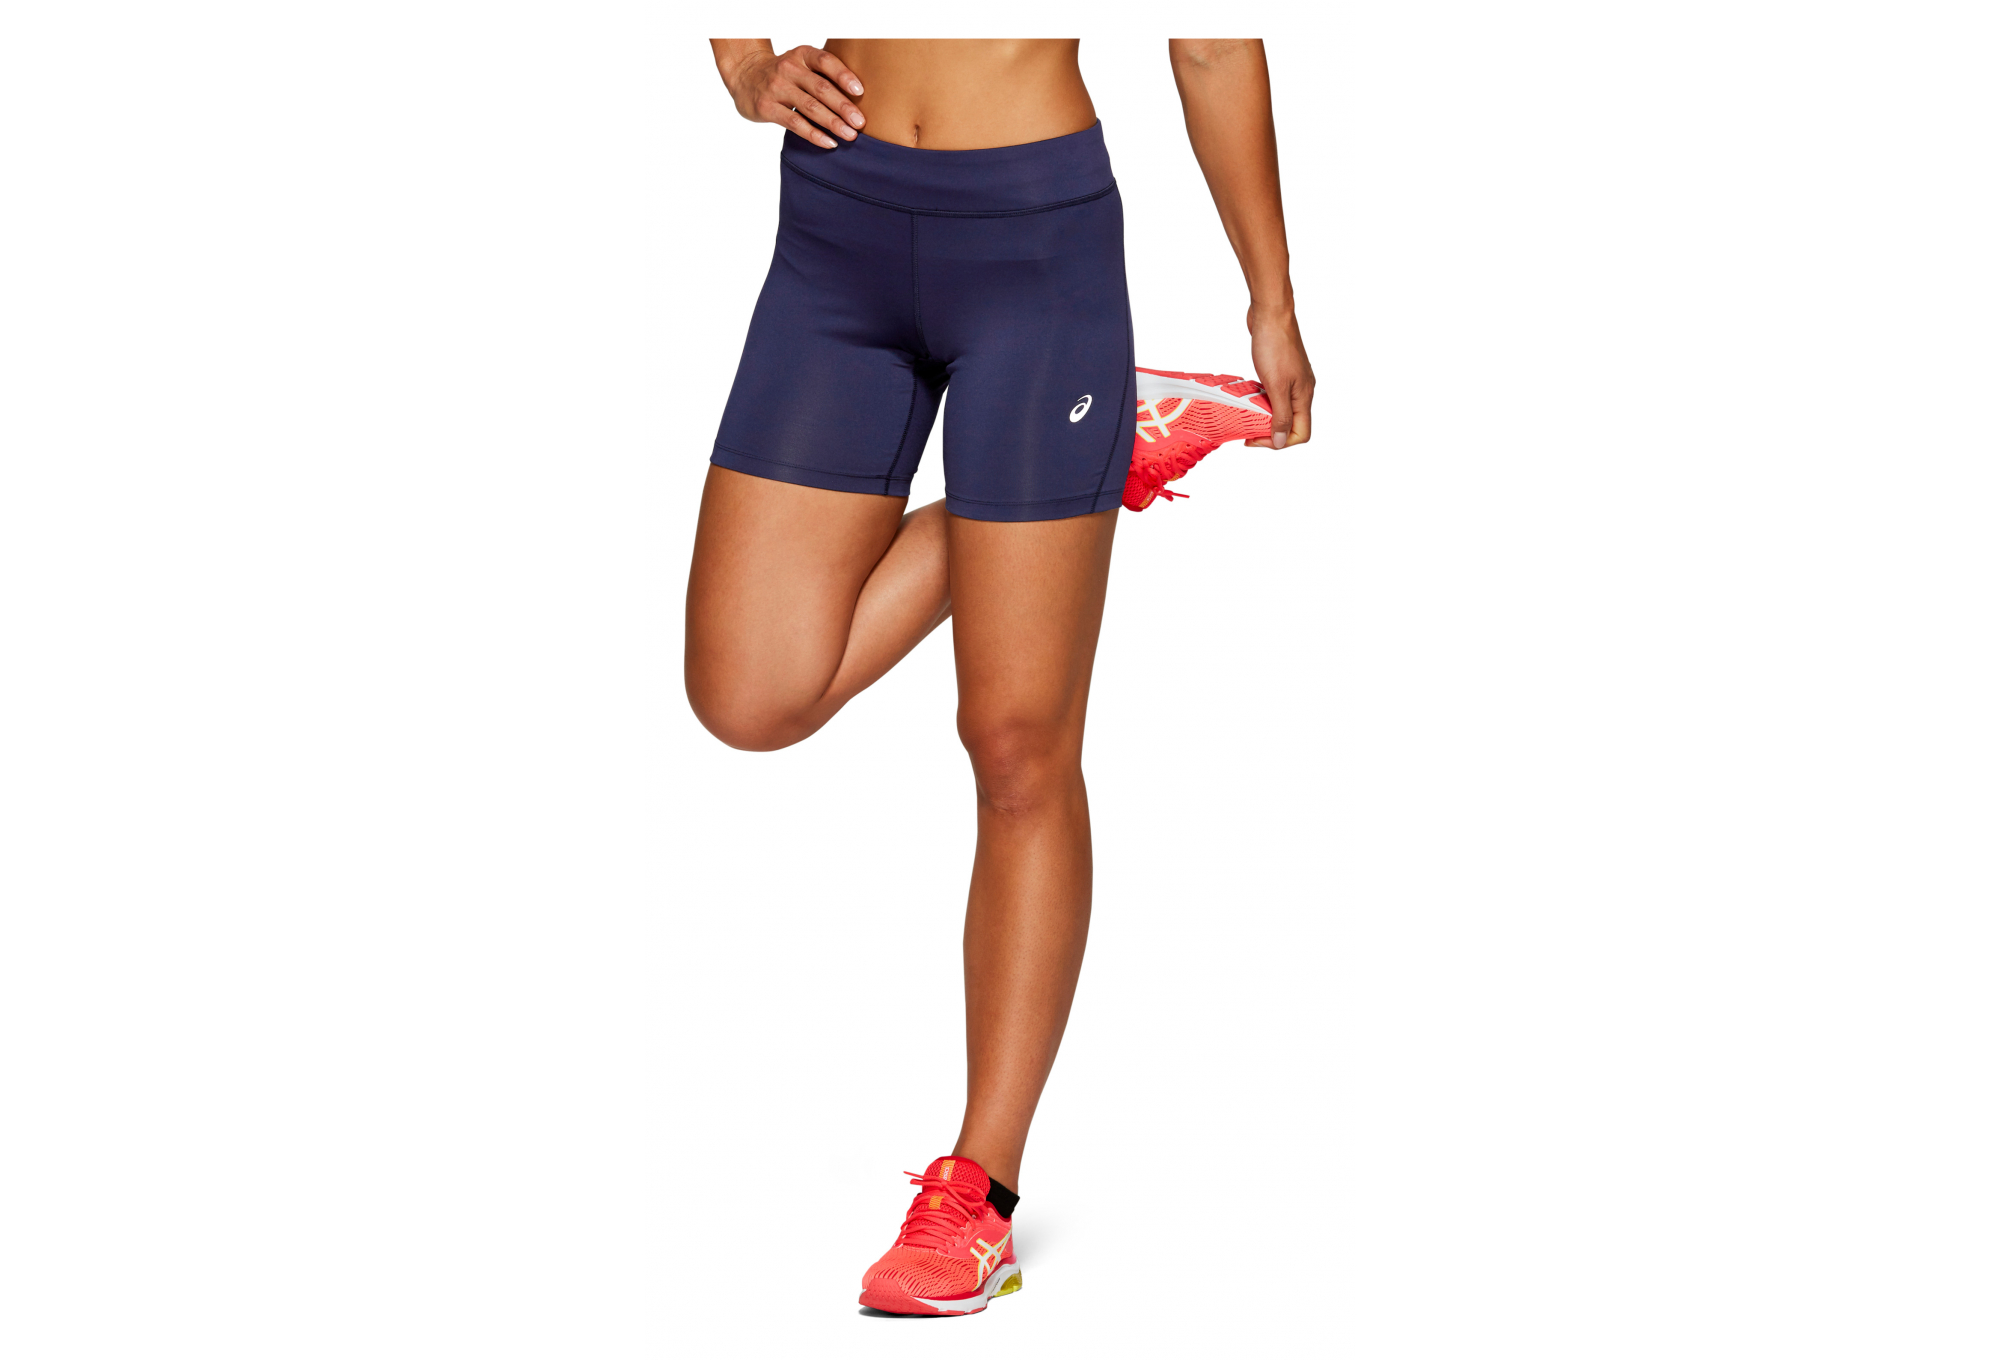 Short de compression femme Asics Sprinter   Alltricks.com